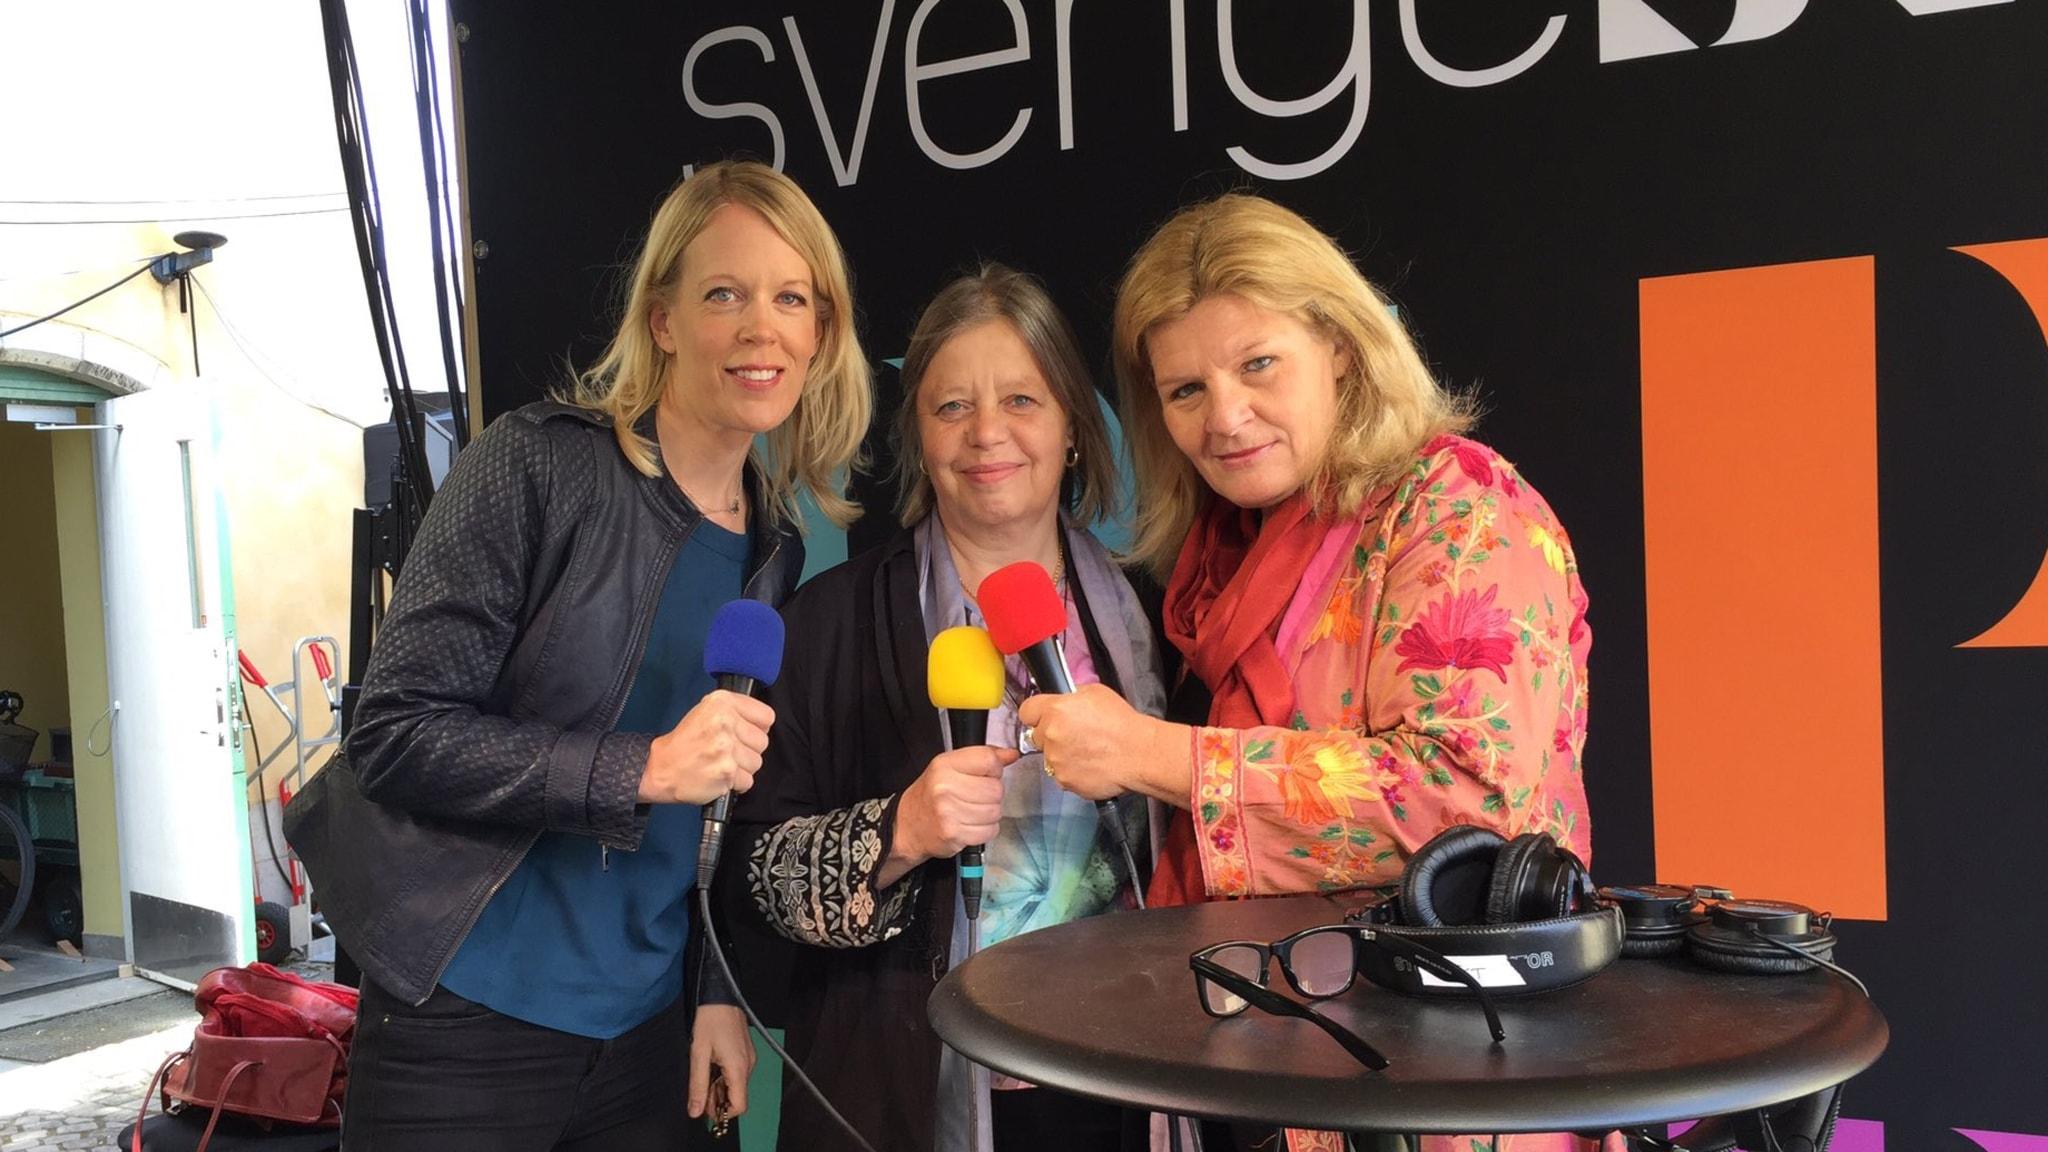 Erik Ullenhag, Bitte Hammargren, Birgitta Holst-Alani och Stina Blomgren gästar Uddén i Almedalen